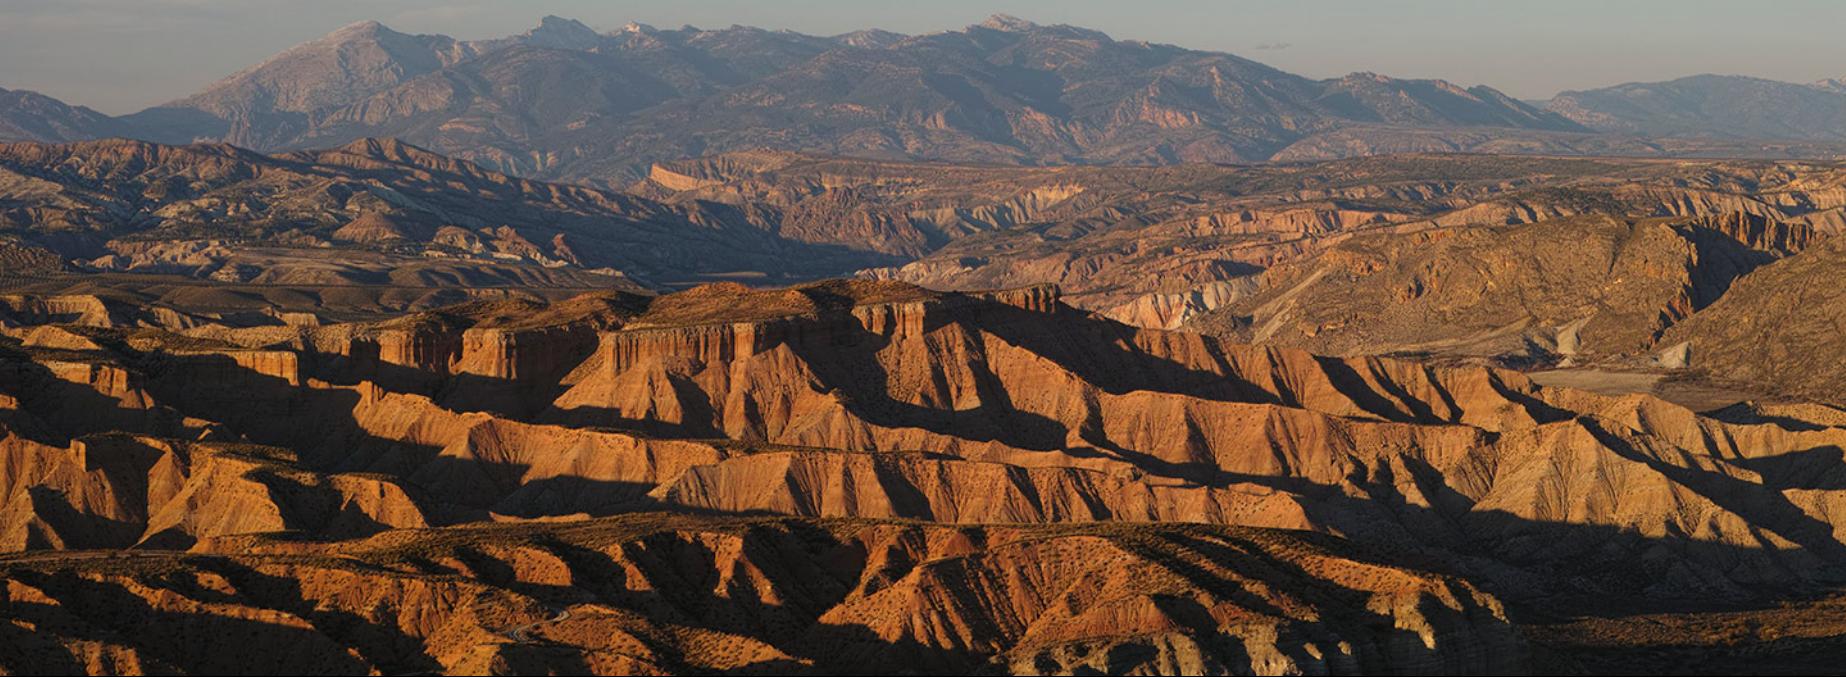 Territorio espectacular por su paisaje y por albergar uno de los mejores registros geológicos continentales de los últimos 5 millones de años.